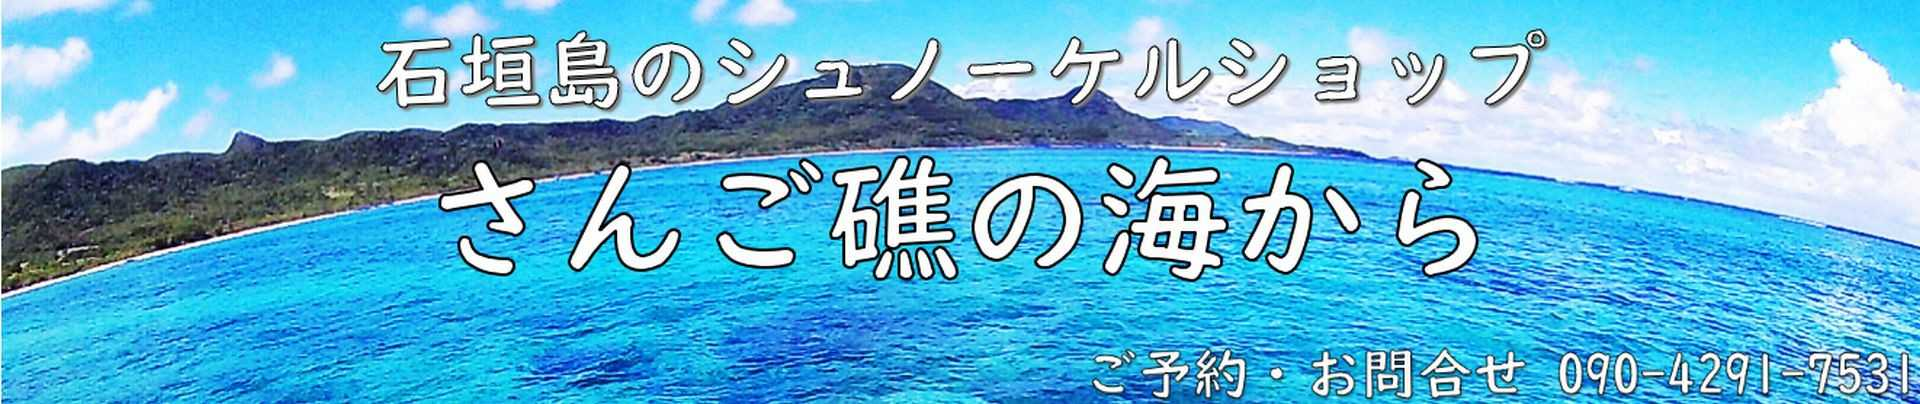 【少人数】石垣島のシュノーケリングショップさんご礁の海から